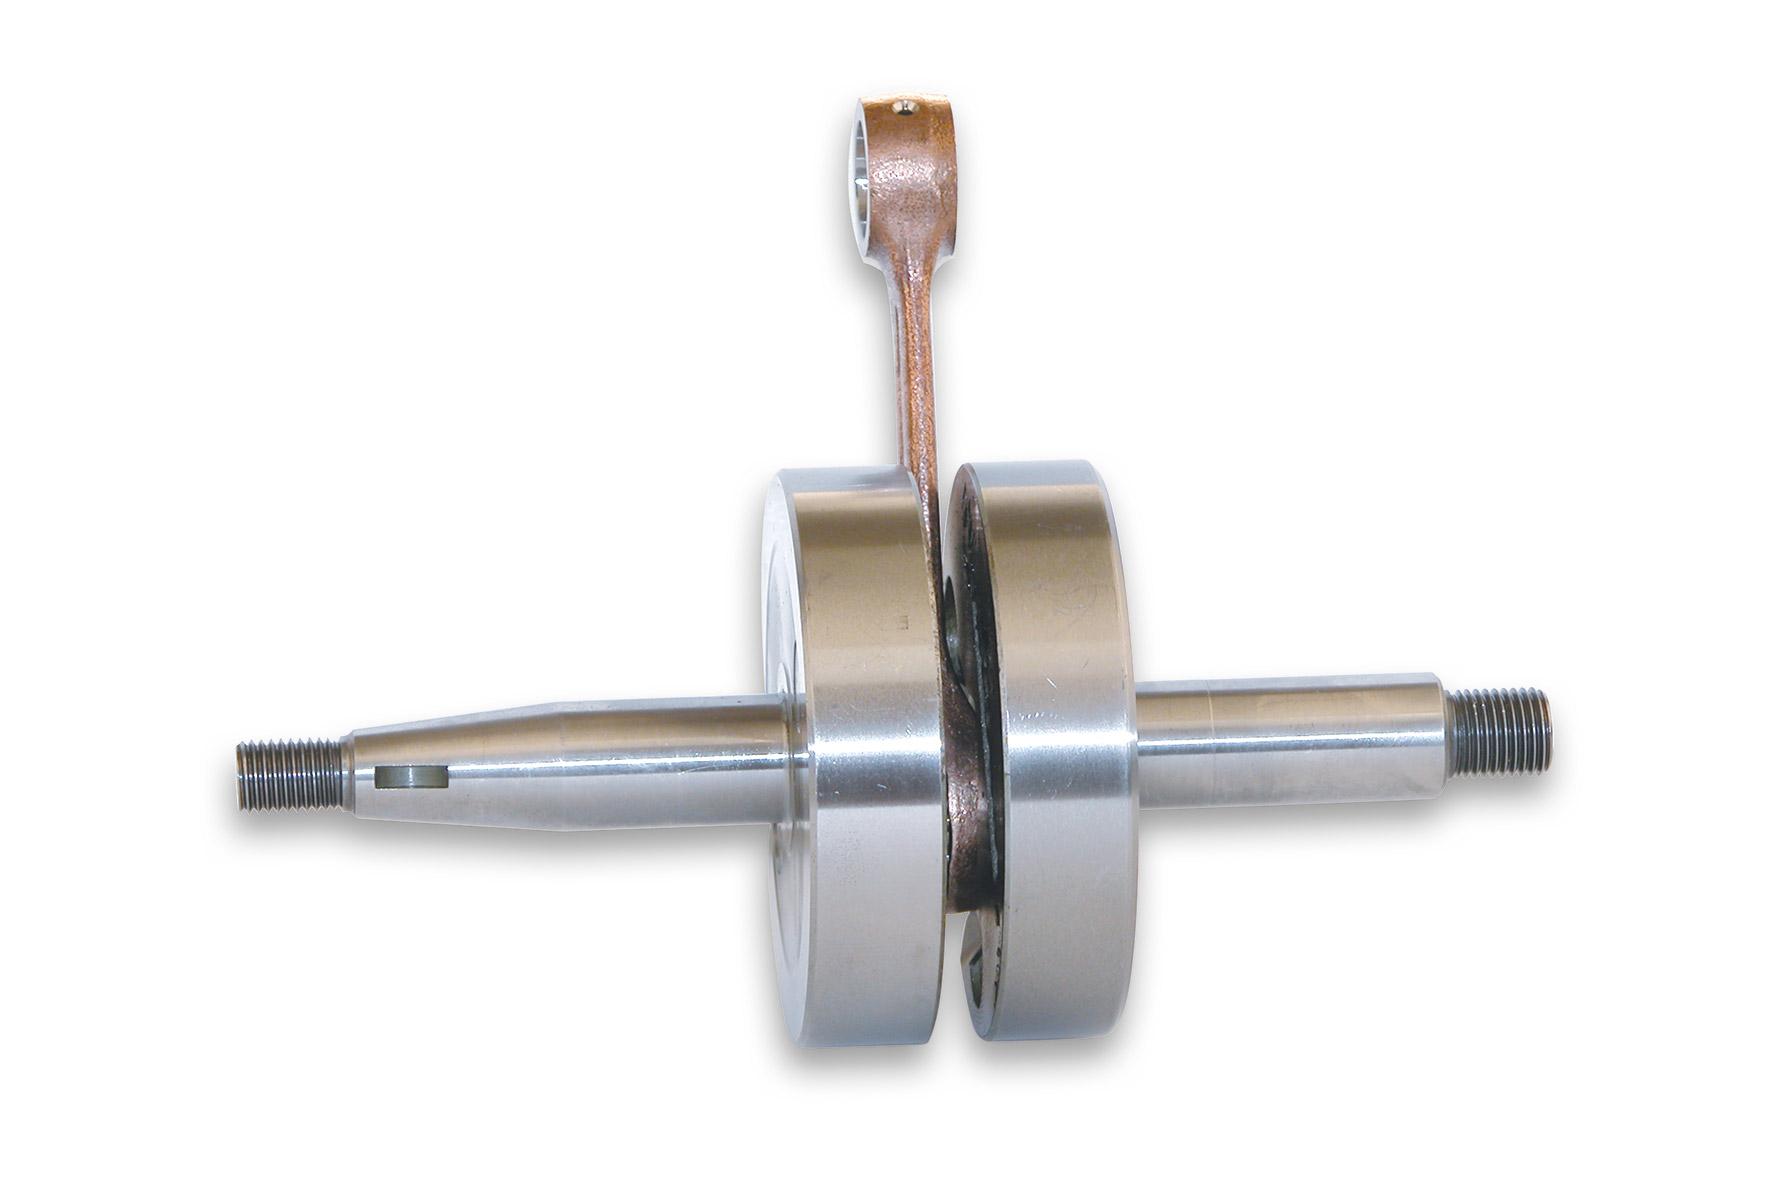 Albero motore RHQ con spinotto Ø 12 e corsa 39 mm